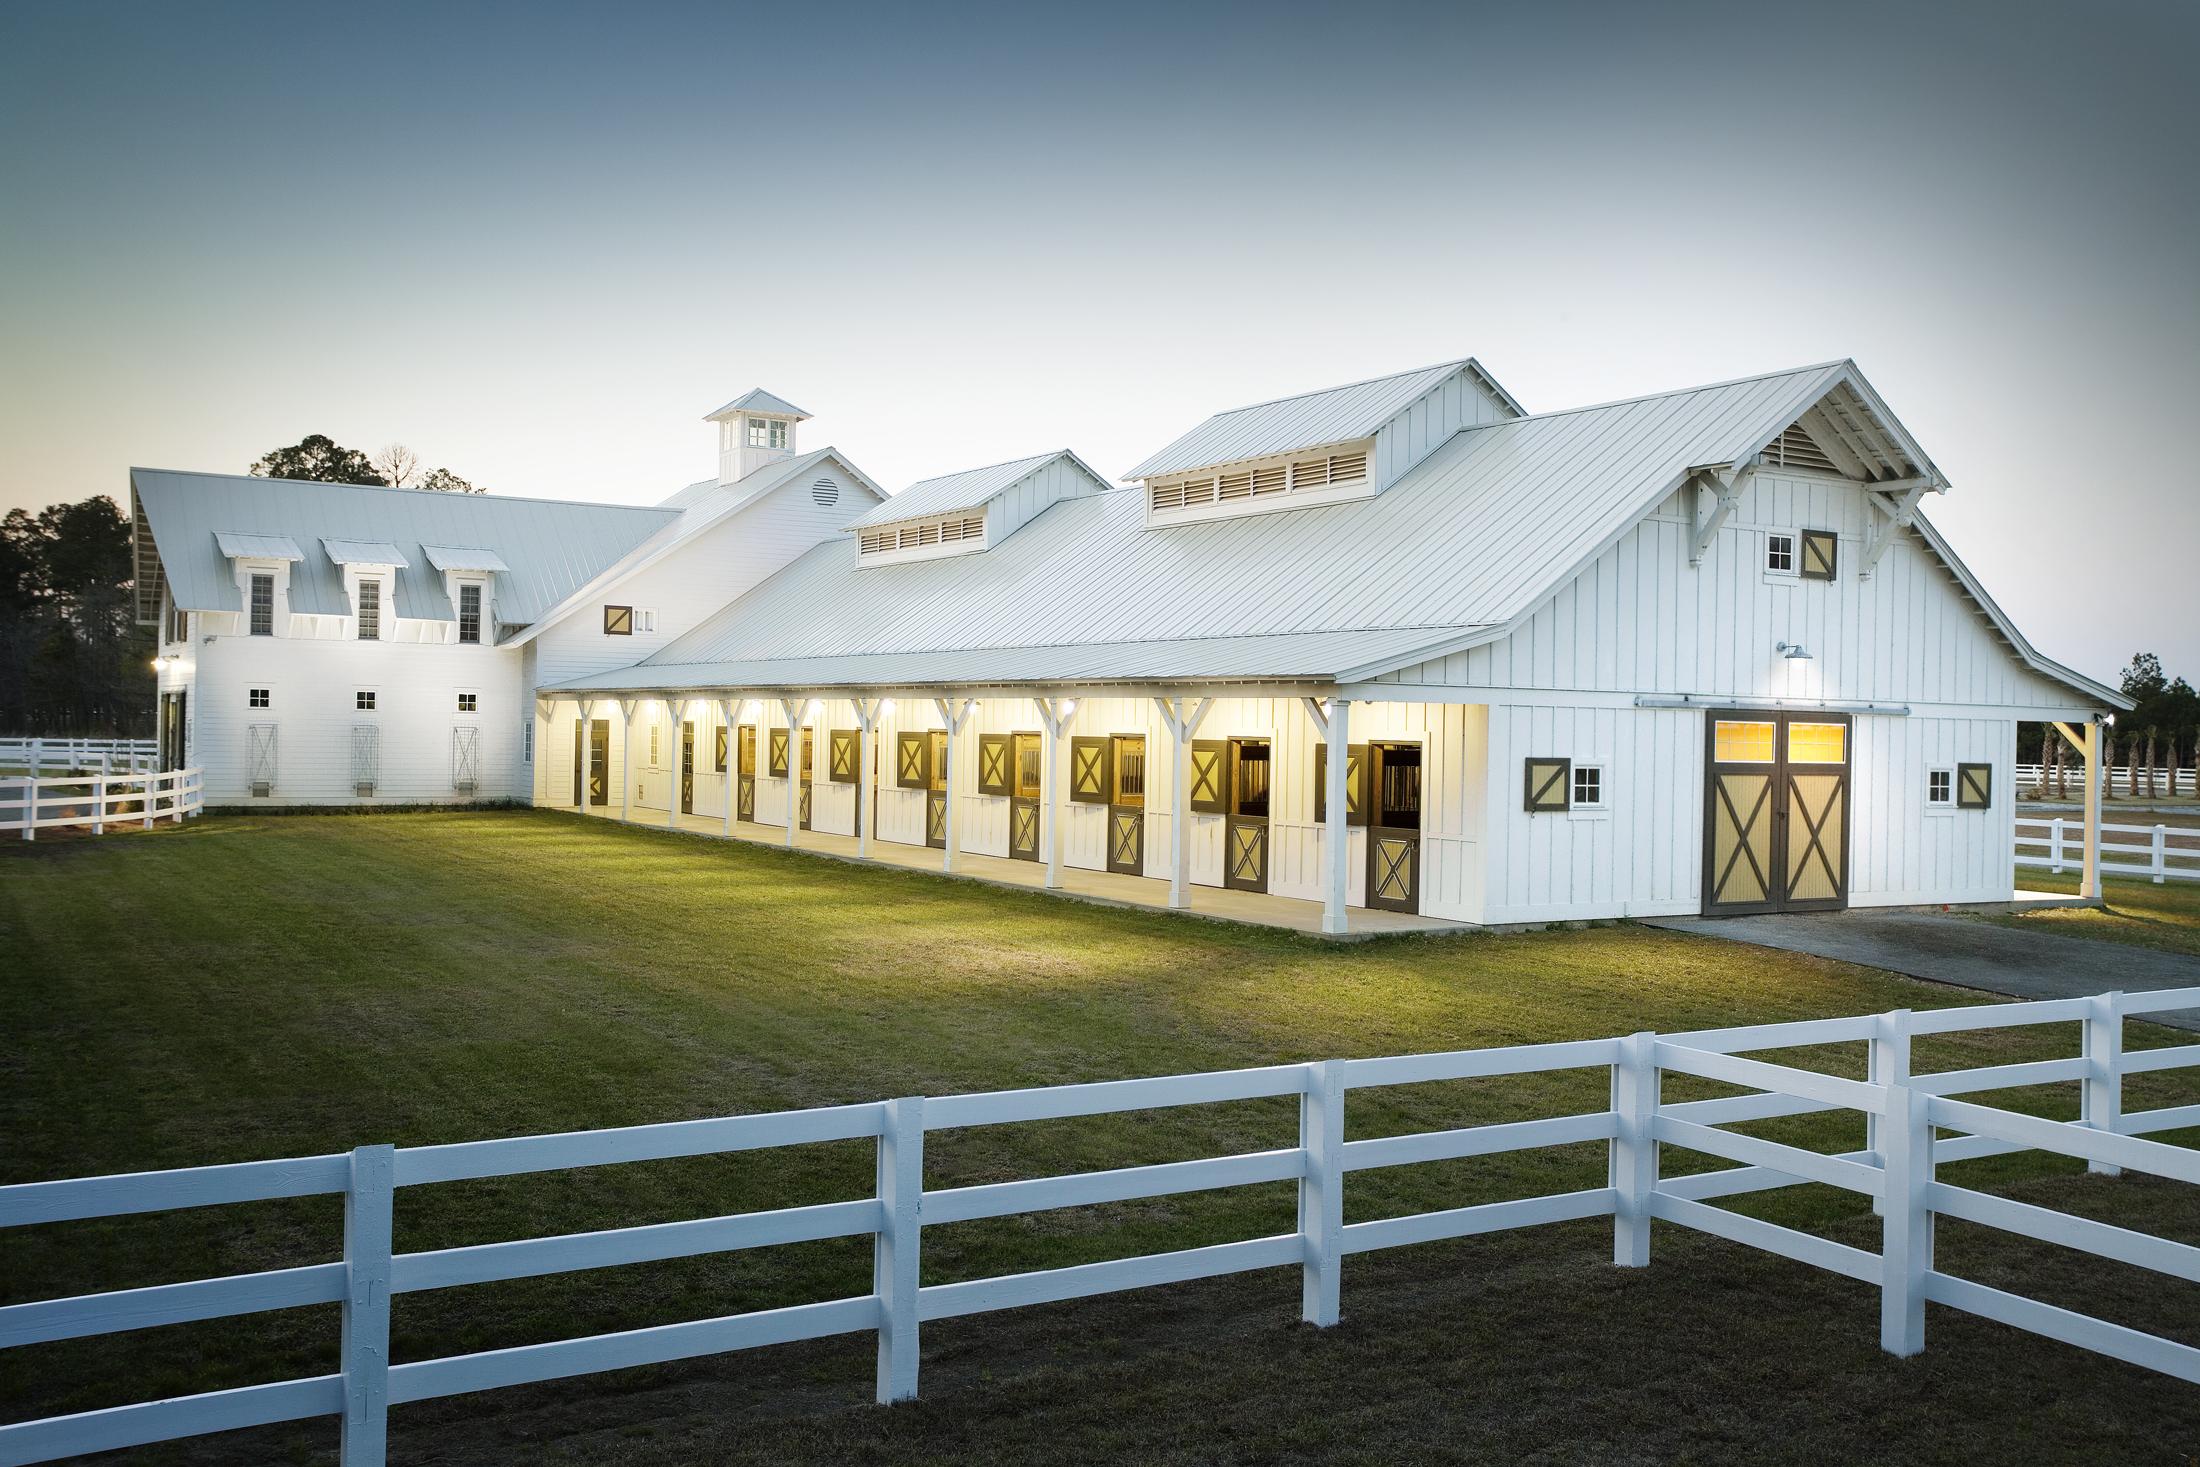 SCAD Ronald C Waranch Equestrian Center  Hardeeville SC  Dawson Wissmach   Back to Portfolios